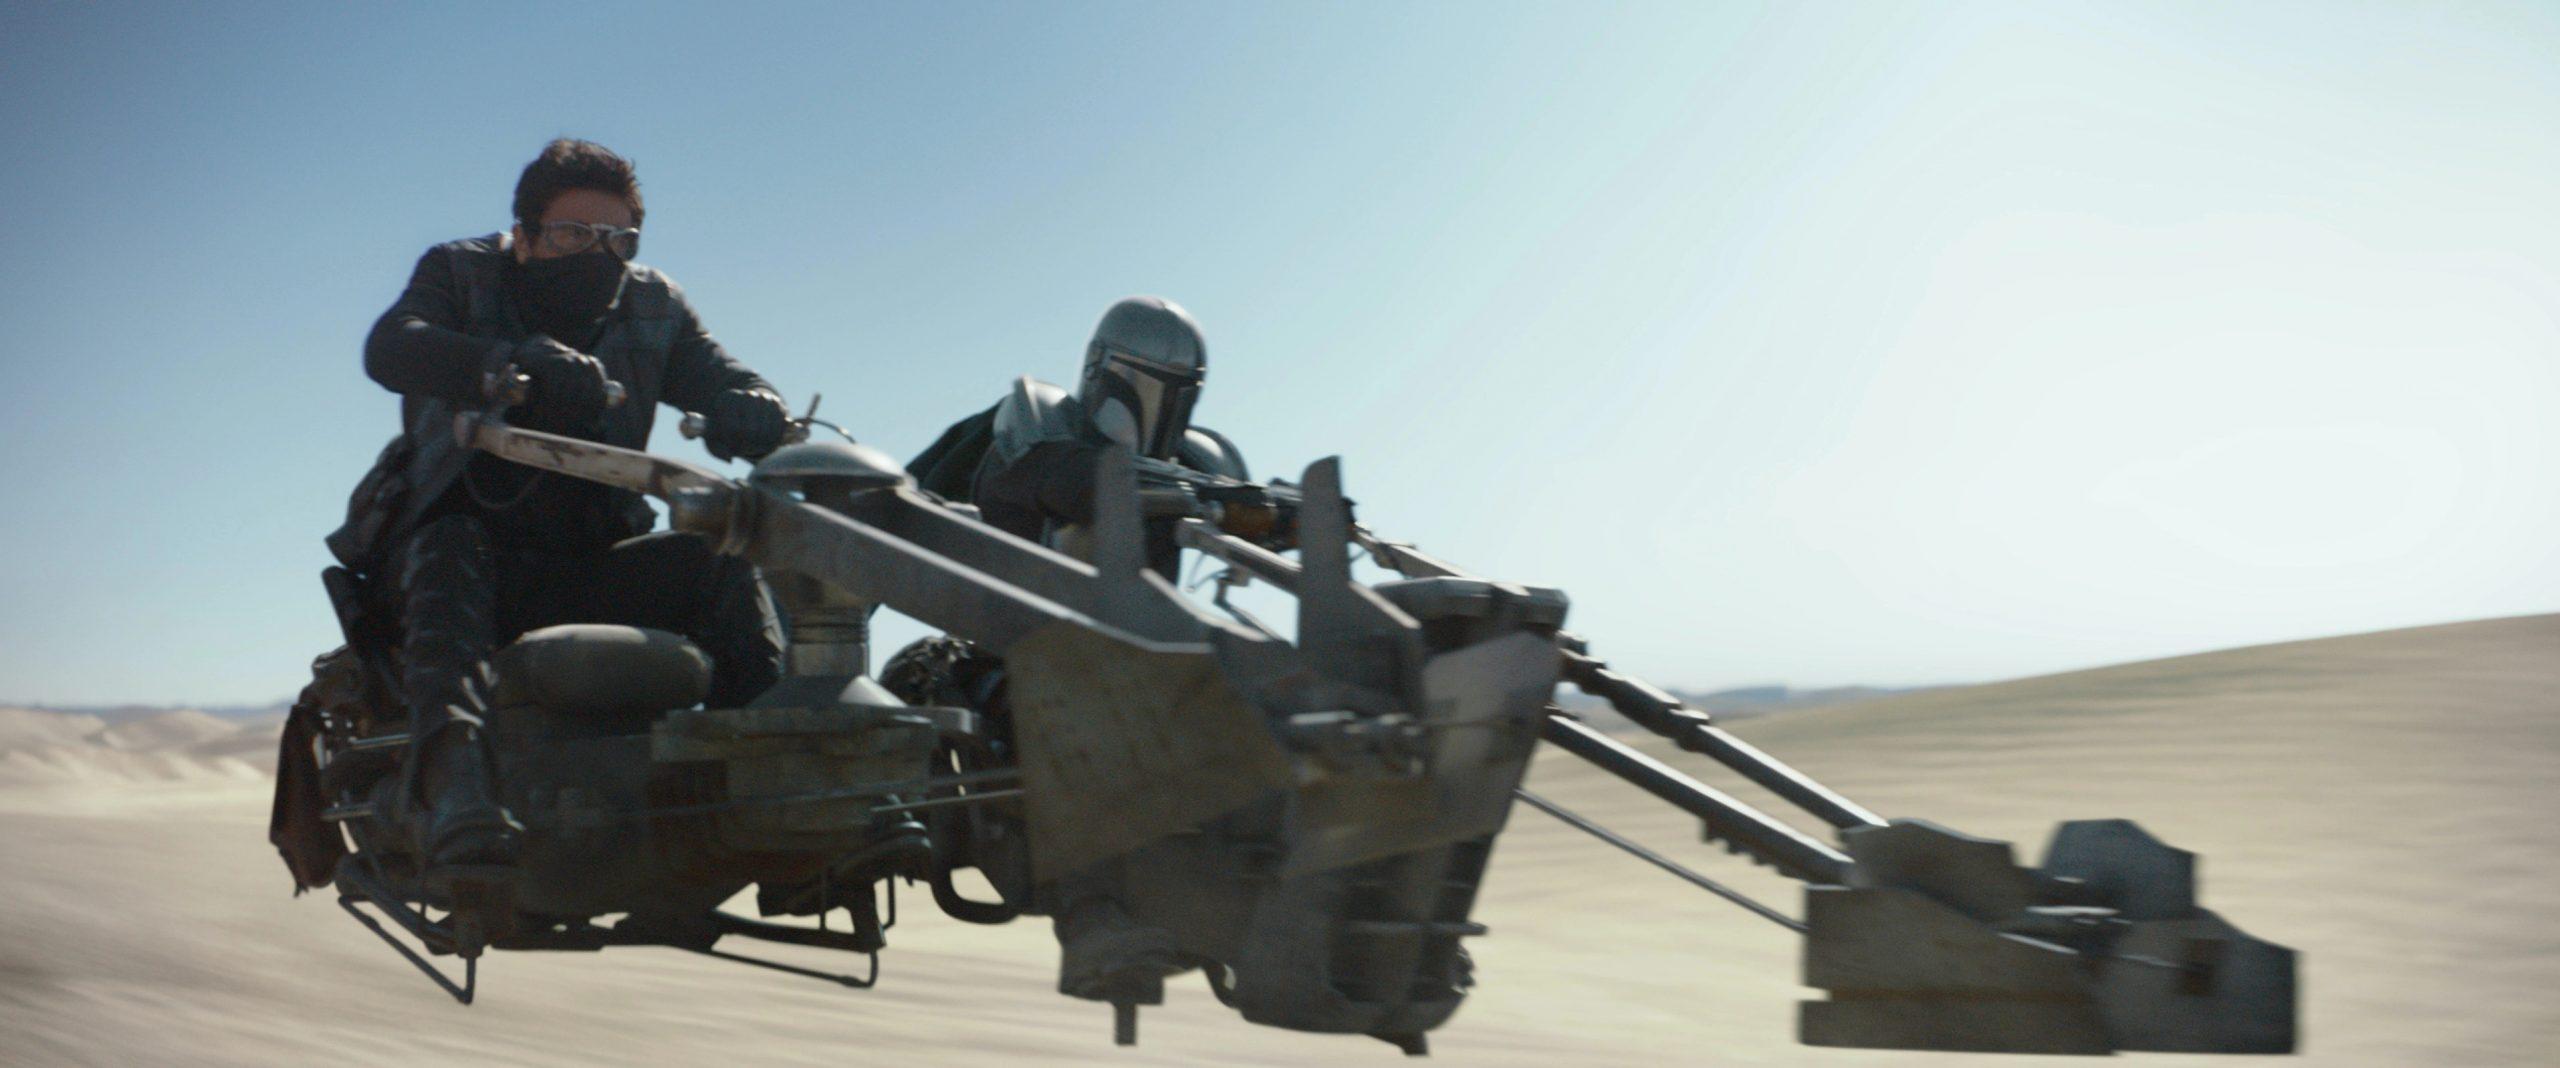 «Мандалорец», серия 5 «Стрелок»: добро пожаловать на Татуин! 4